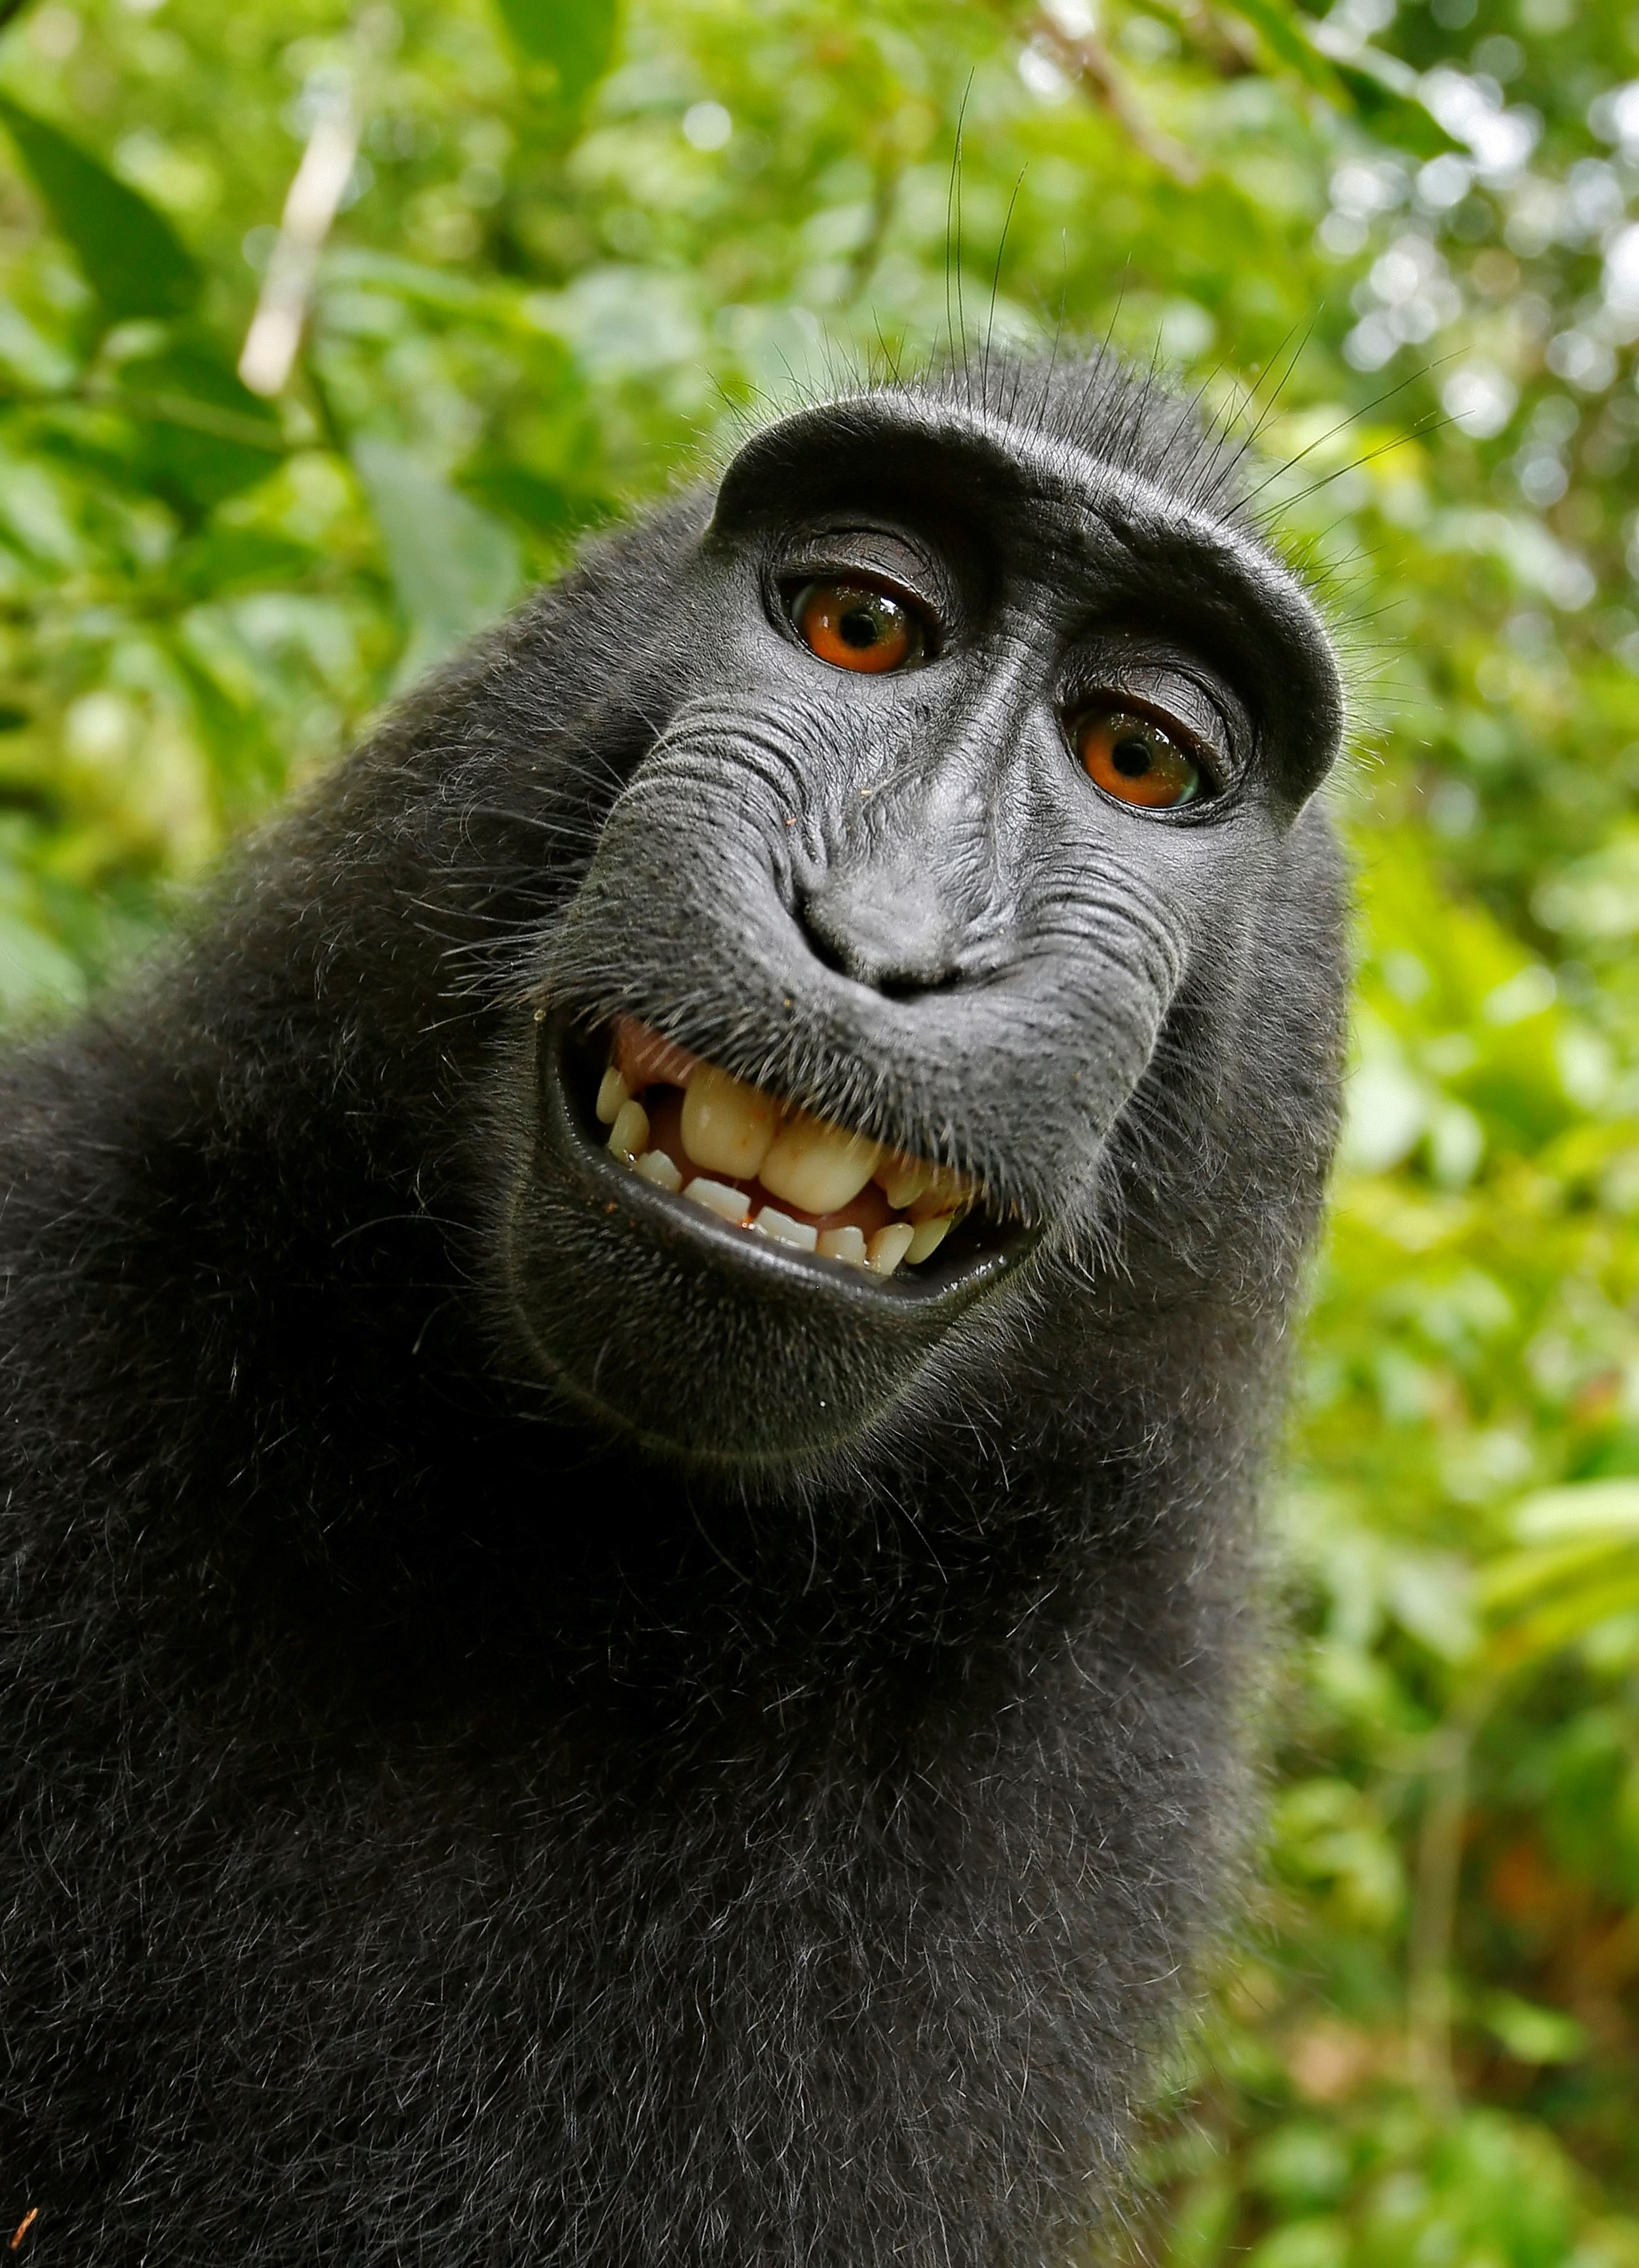 Autorretrato de macaco hembra en North Sulawesi, Indonesia que tomó la cámara del fotógrafo David Slater y se fotografió a si misma. 2011.